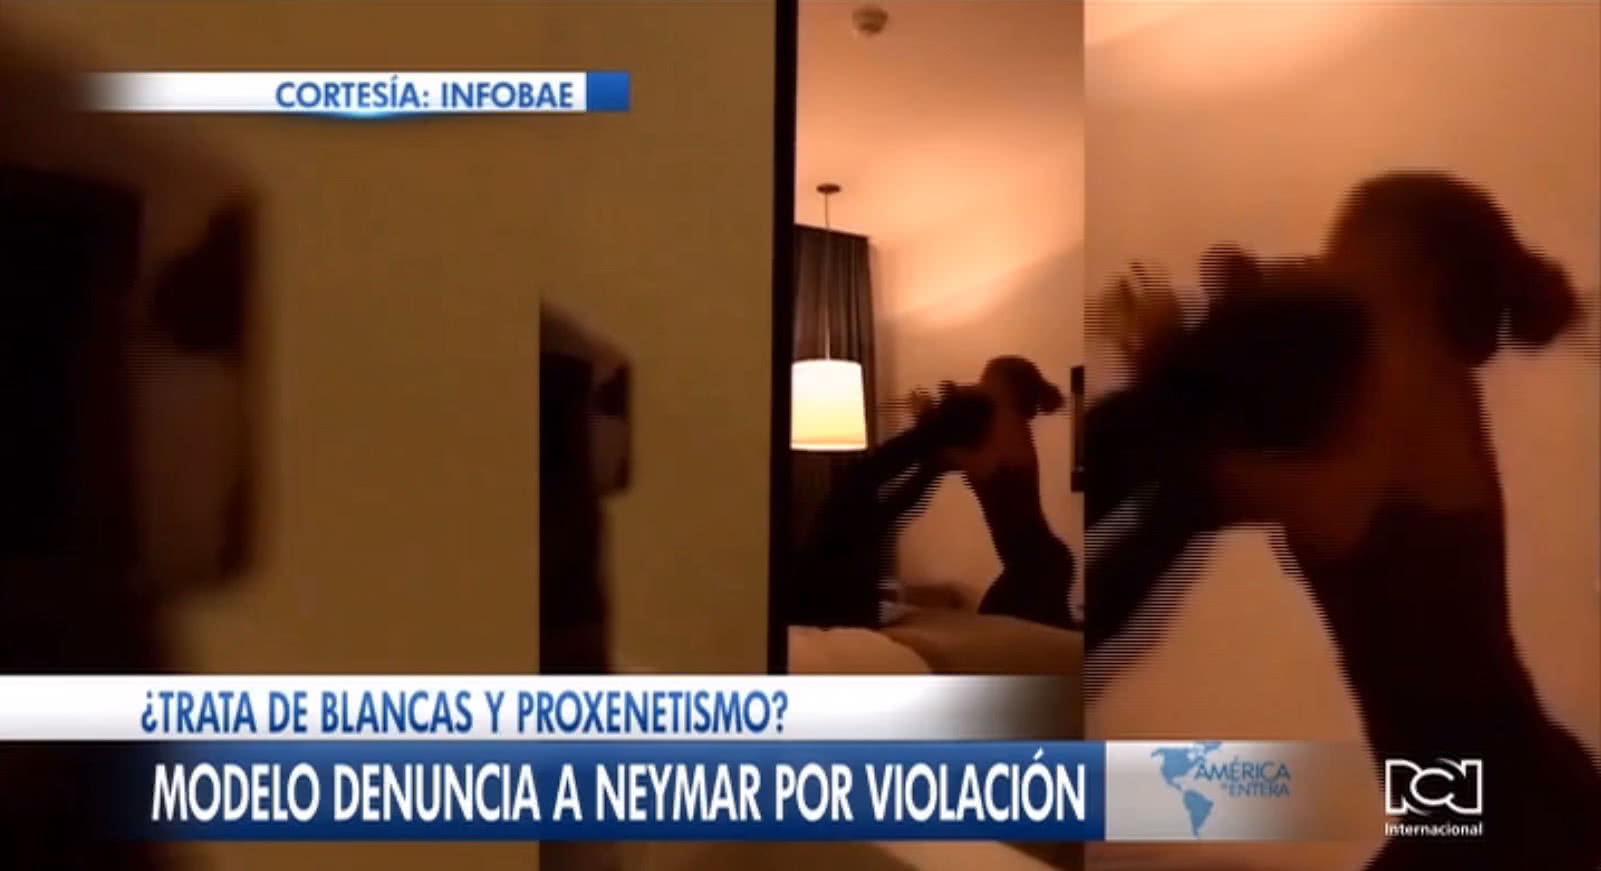 Modelo que denunció a Neymar por violación planea llevar el caso a Francia